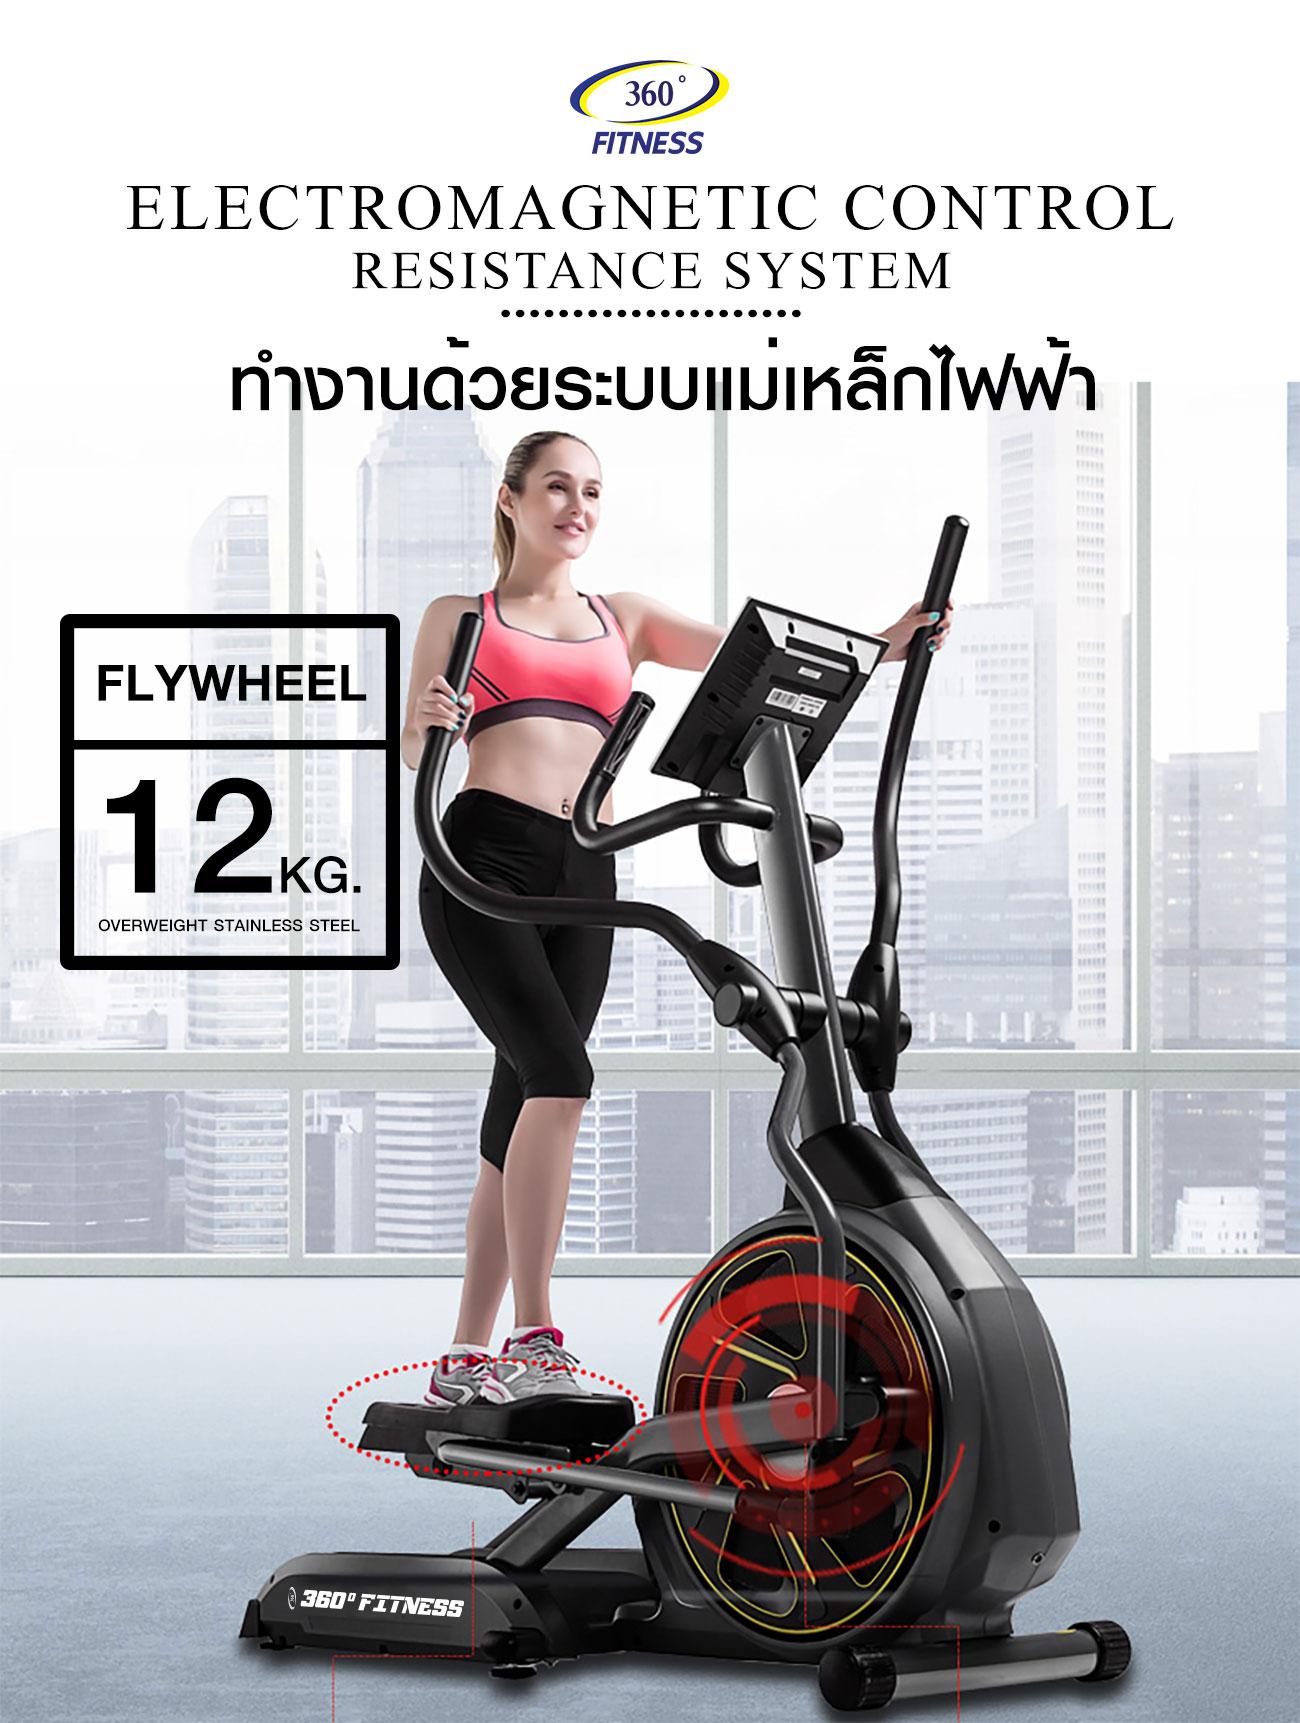 เครื่องเดินวงรี Electronic Elliptical bike X5 Flywheel 12 KG.